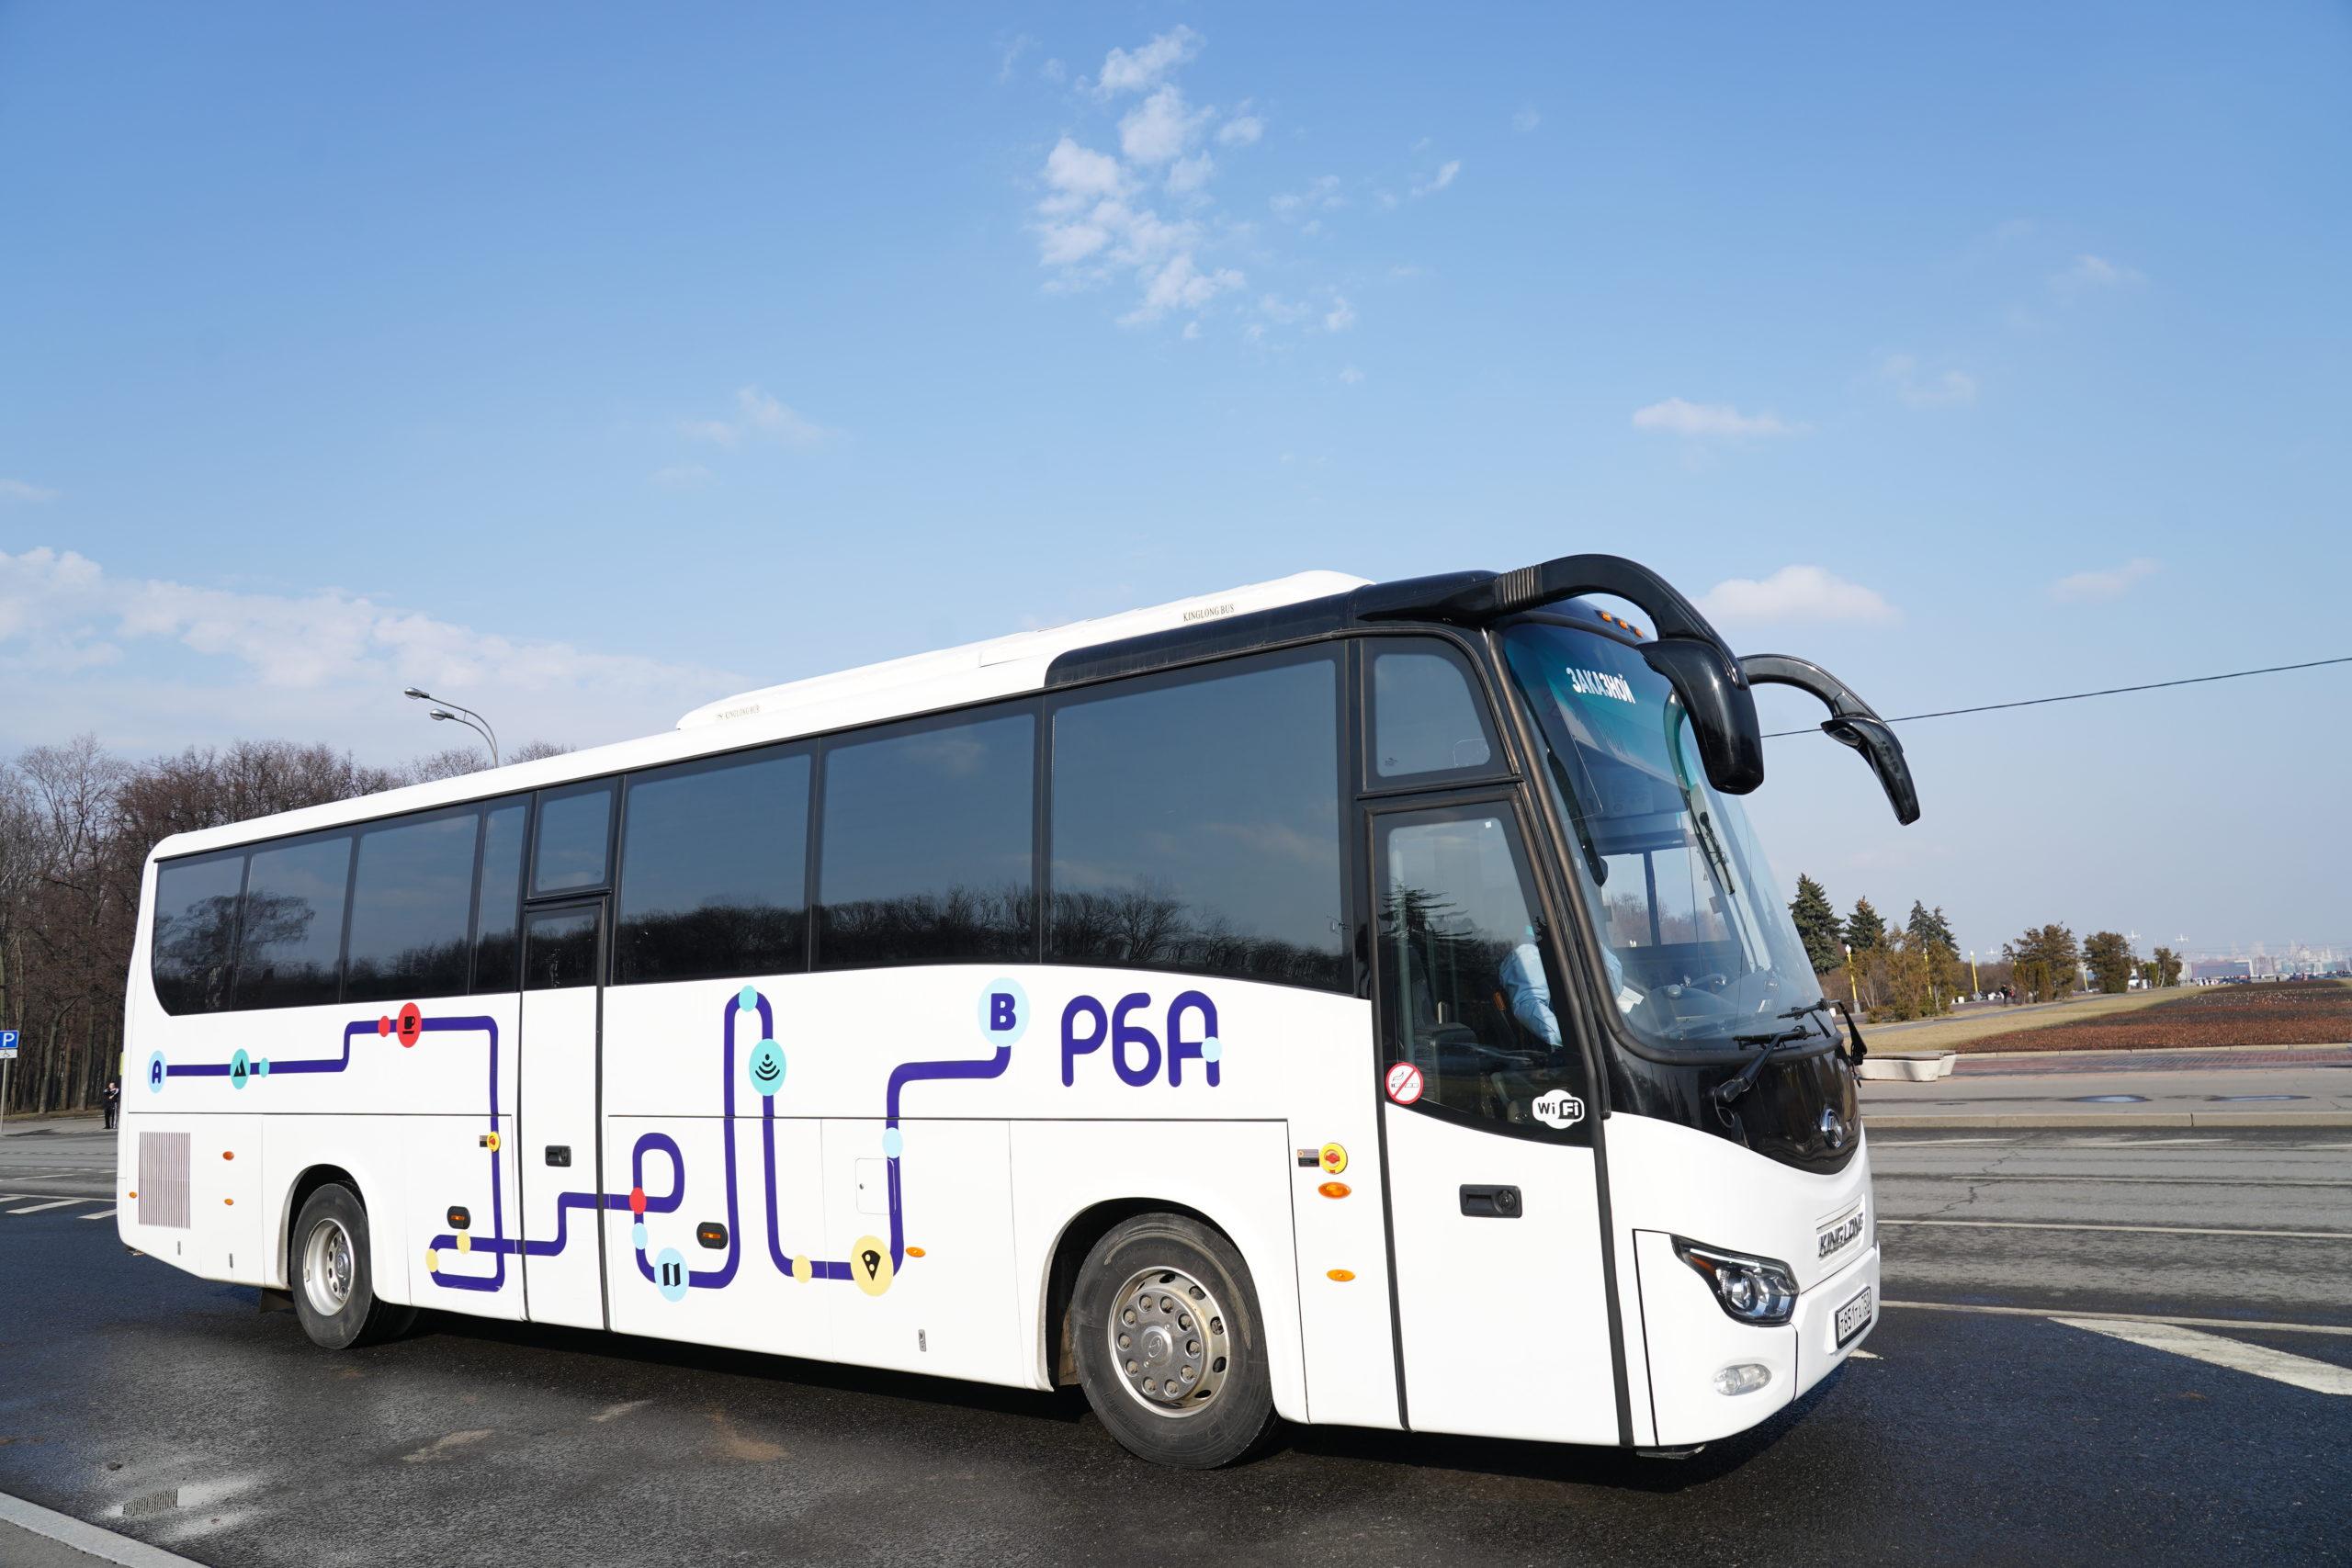 GLZ05841 scaled - Автобусные пассажирские перевозки в Москве